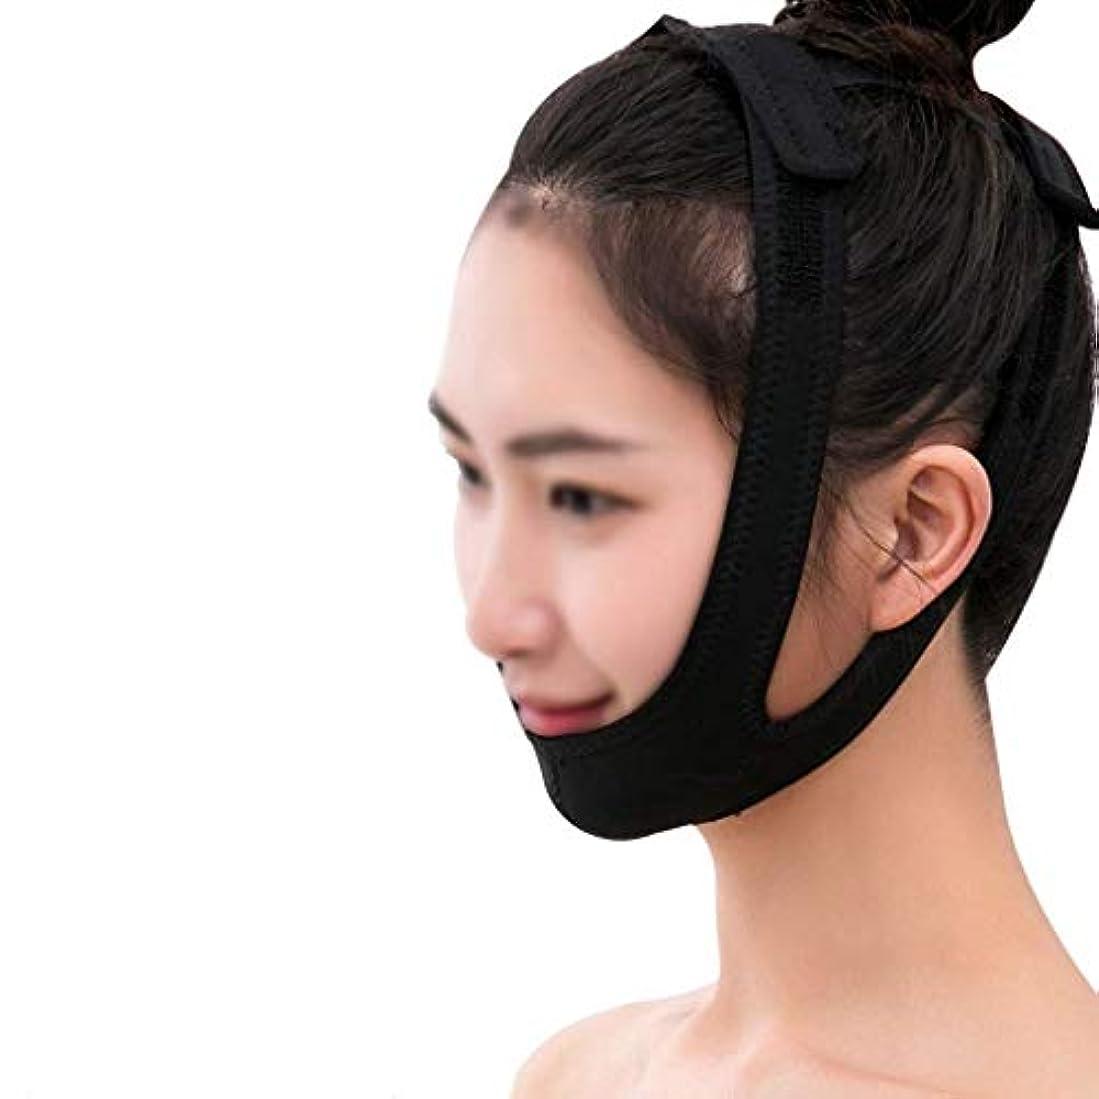 シャベル威信六分儀フェイシャルリフティングマスク、医療用ワイヤーカービングリカバリーヘッドギアVフェイスバンデージダブルチンフェイスリフトマスク